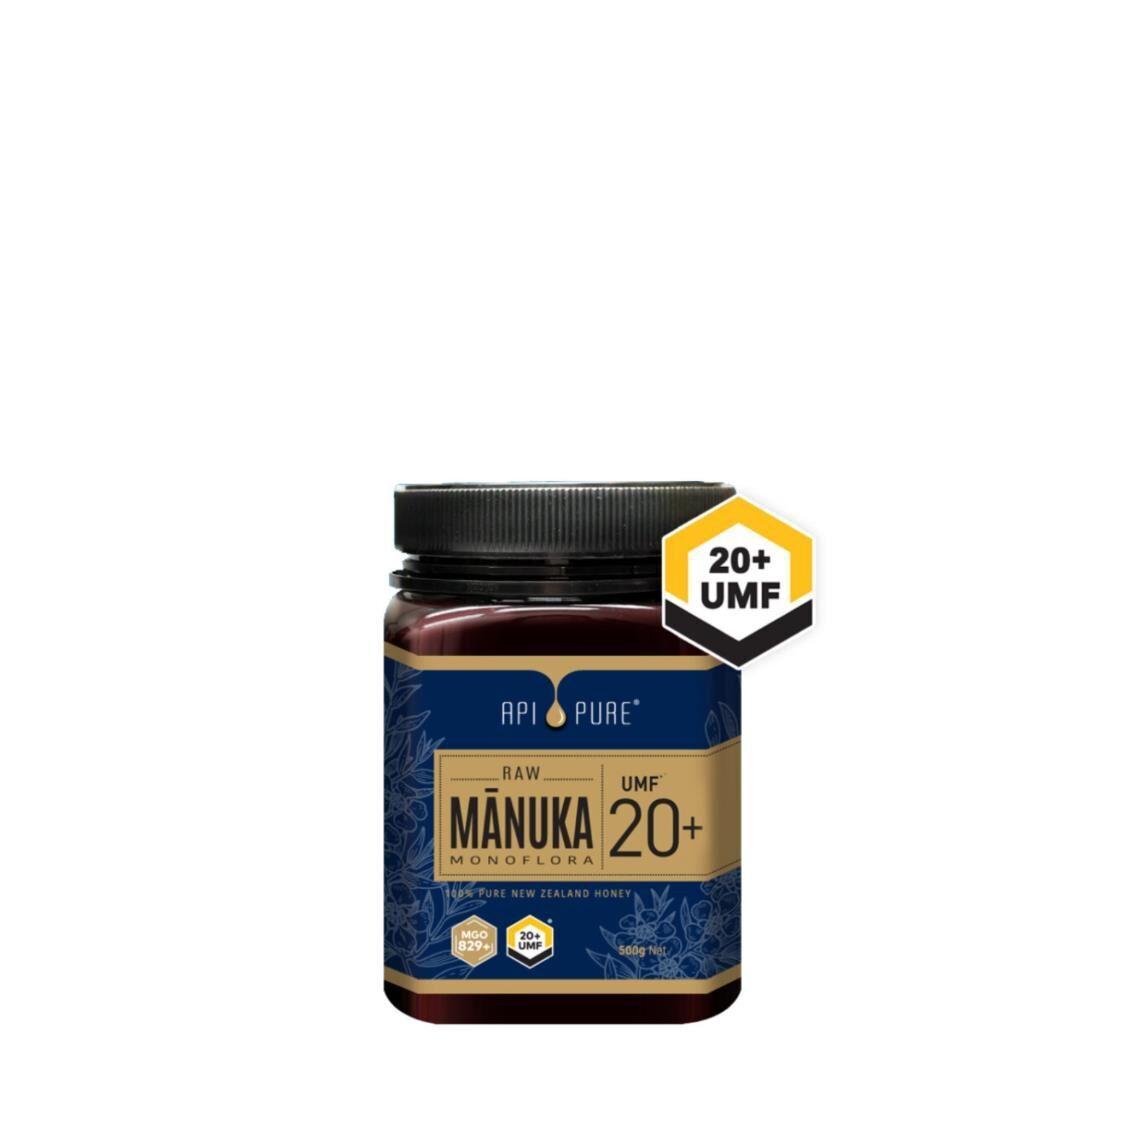 Apipure Raw Manuka UMF20 500g